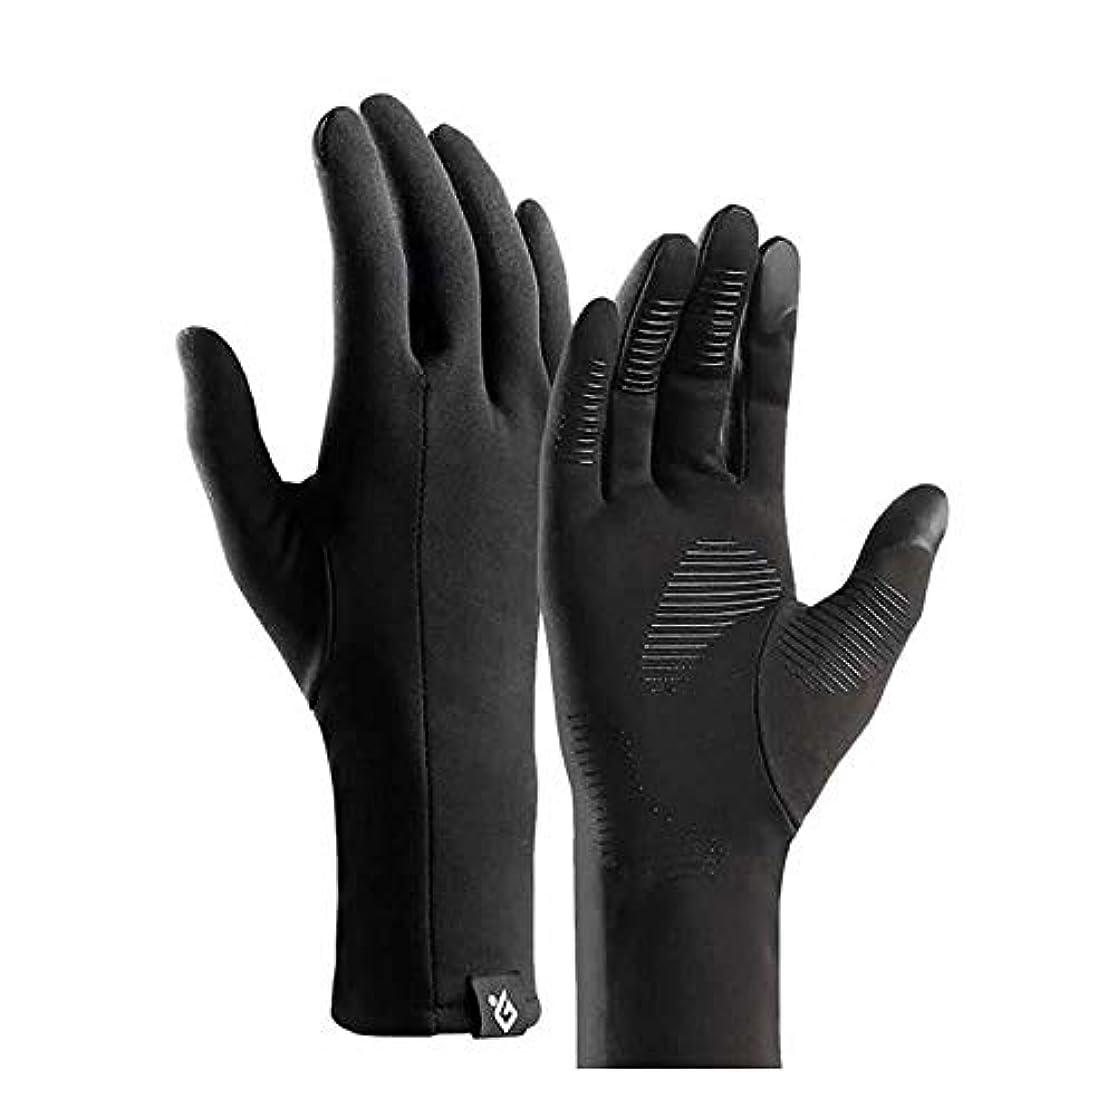 王子雰囲気プロトタイプ1stモール グローブベイダー Mサイズ 登山グローブ 自転車 アウトドア サイクリング 防寒 防風 快適 保温 手袋 ST-GBAIDA-M